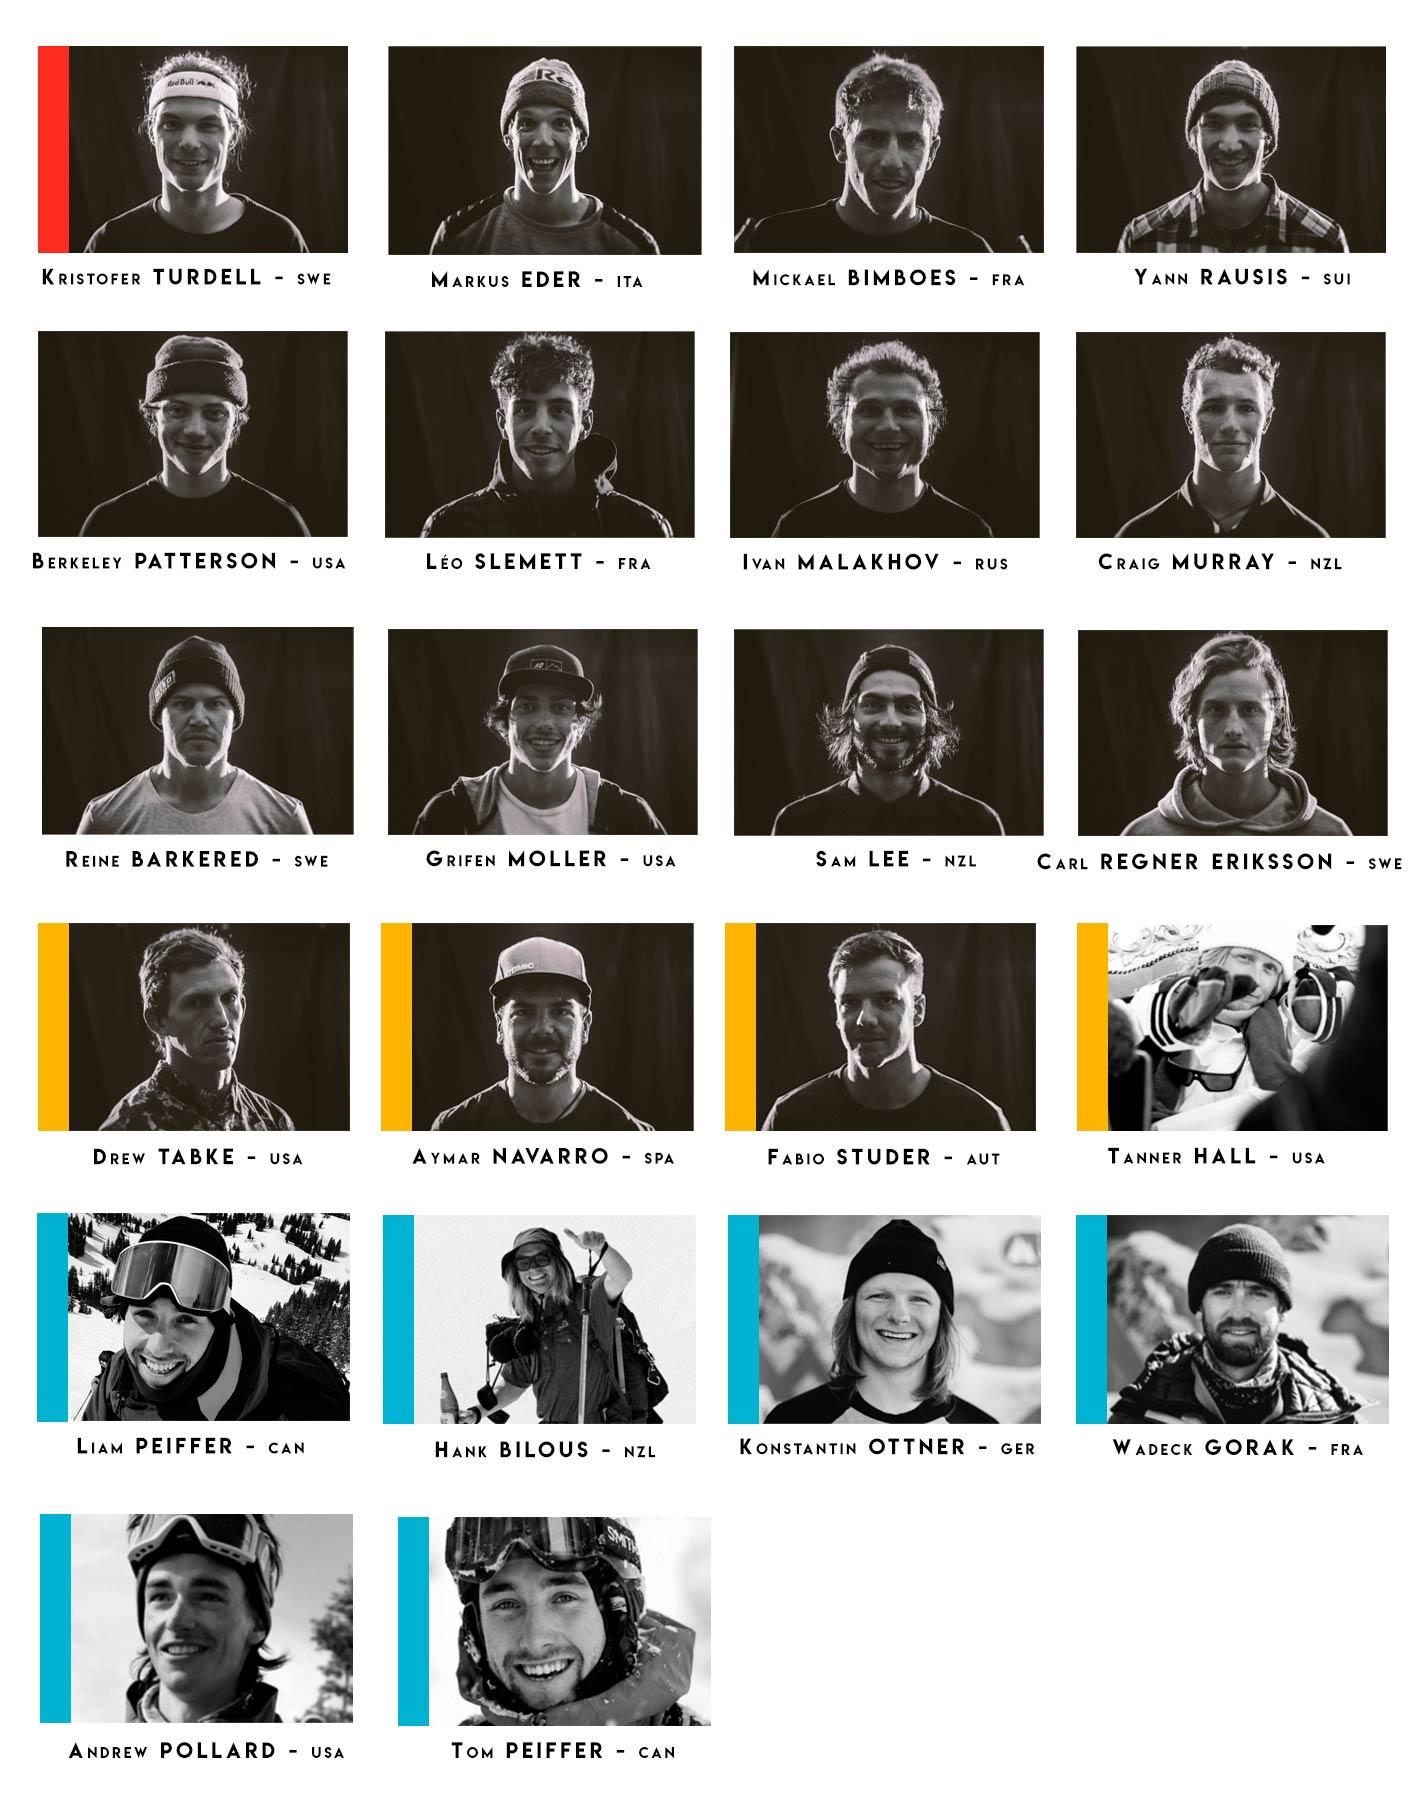 Alle Starter (Ski) bei der Freeride World Tour 2019